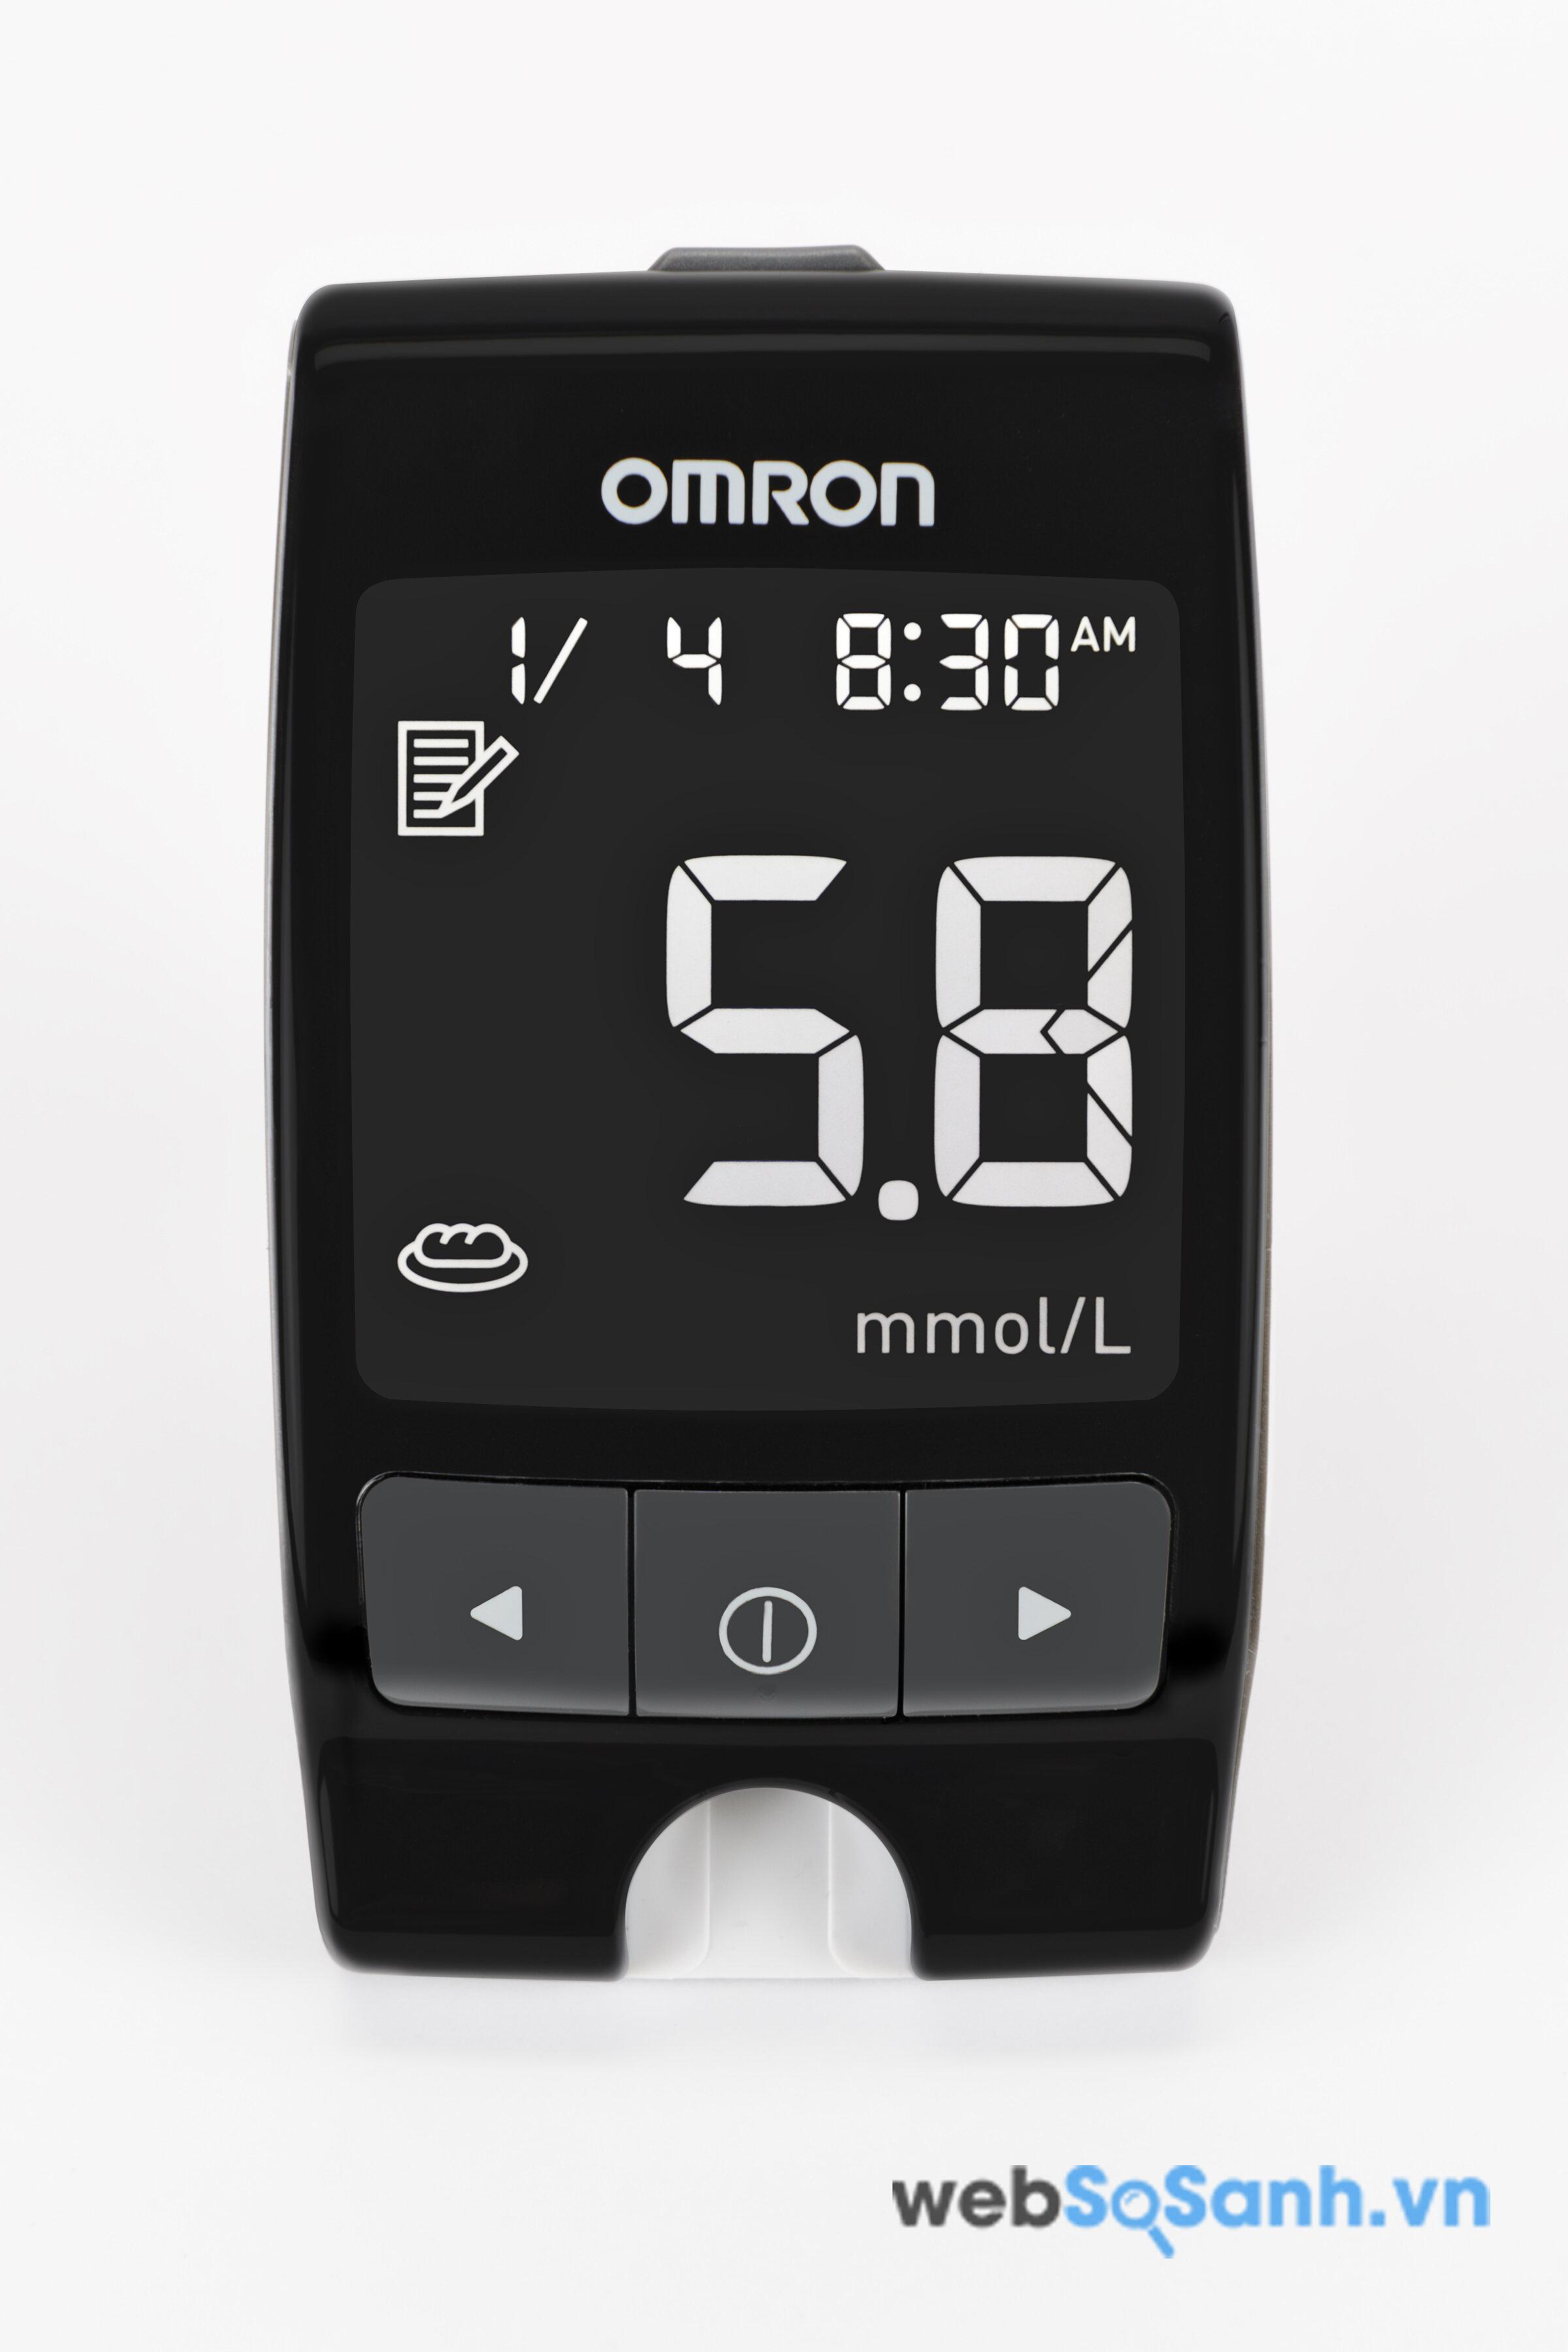 Phát hiện tiểu đường bằng cách nào